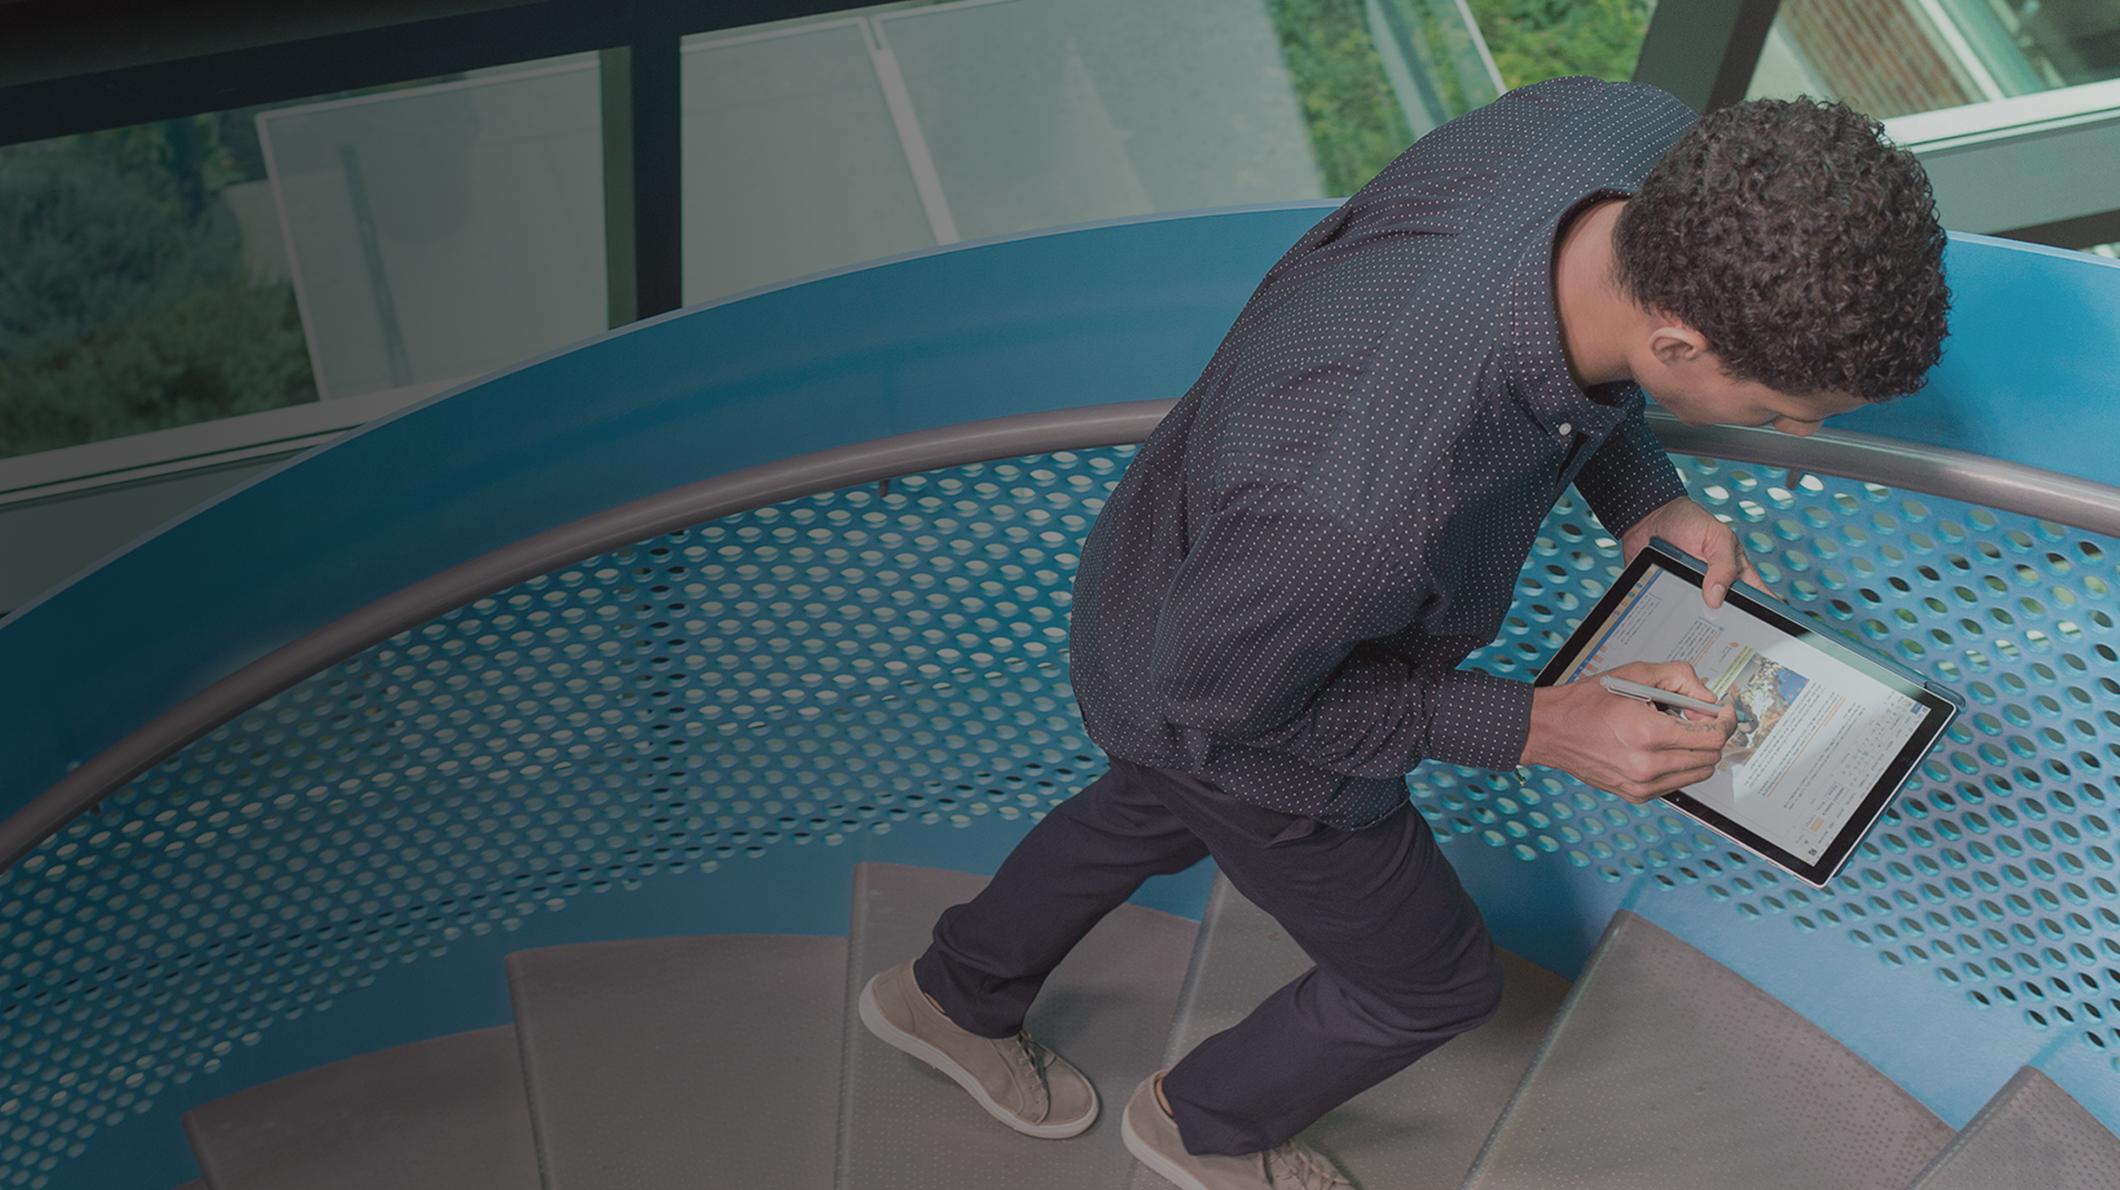 Tableten dolgozó férfi megy fel egy lépcsőn